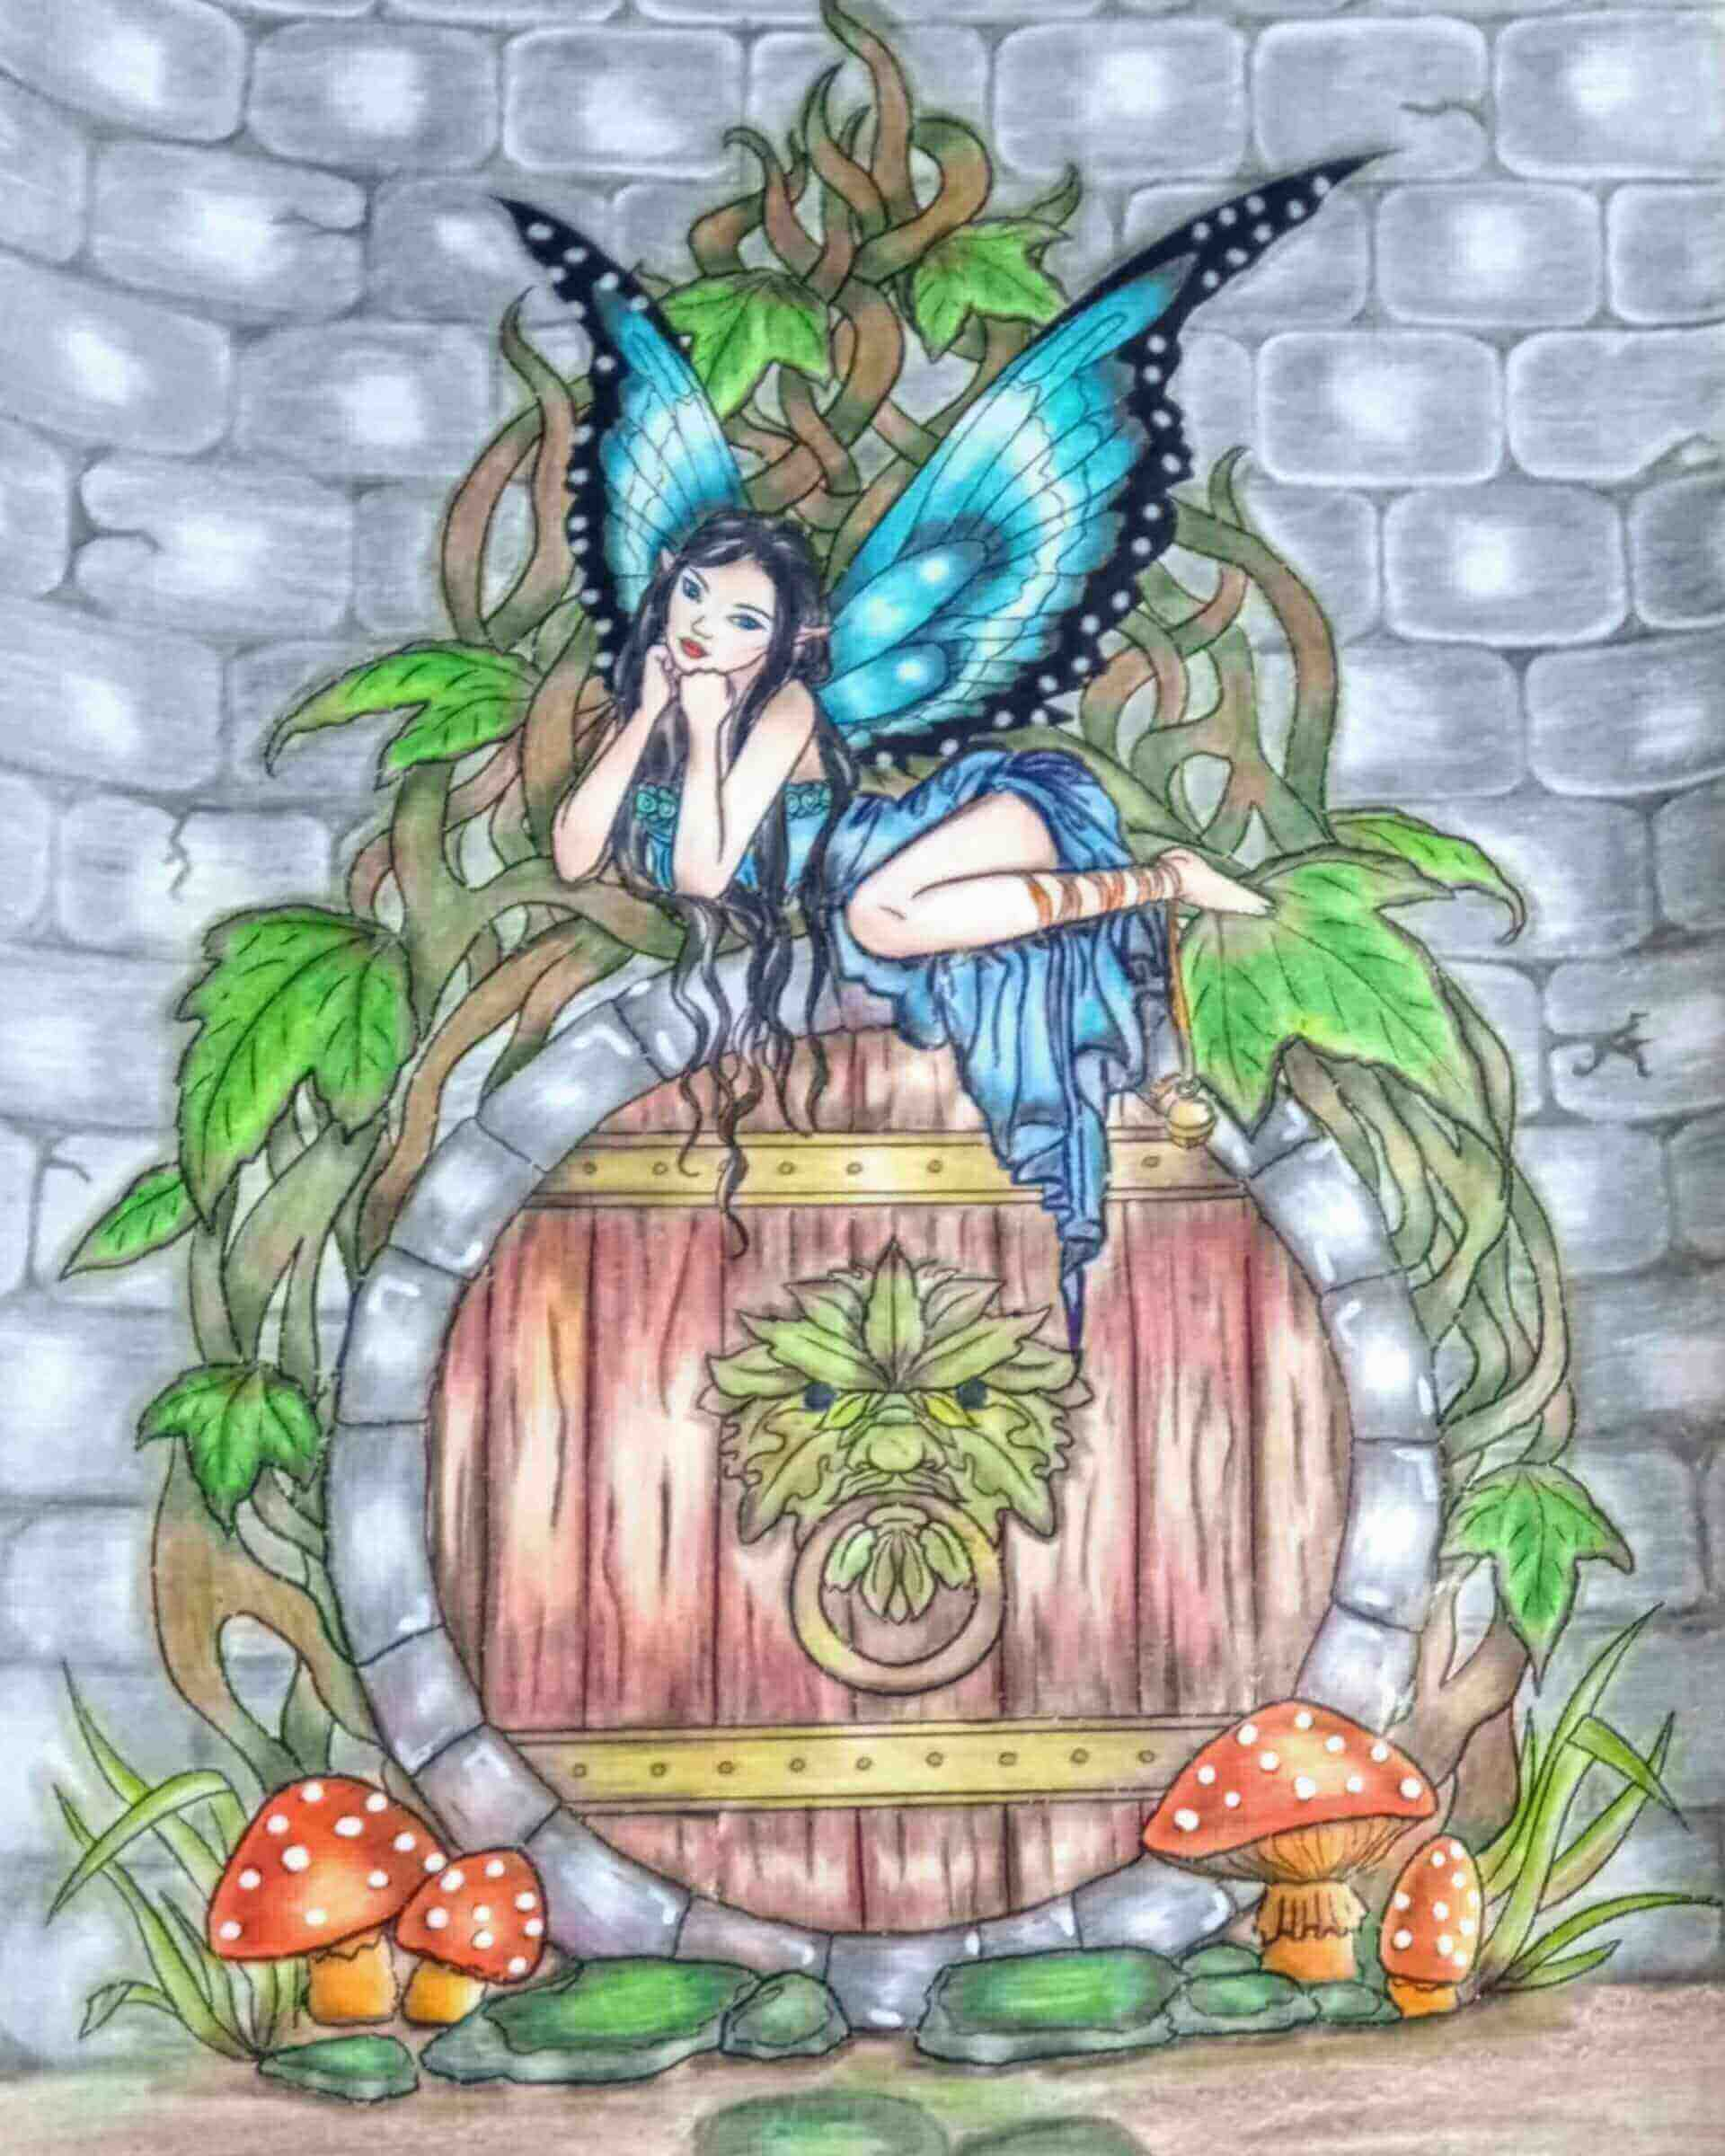 15 Daniela 34 Belo Horizonte MG Lapisde Cor Color Peps Castelo Johanna Basford2020